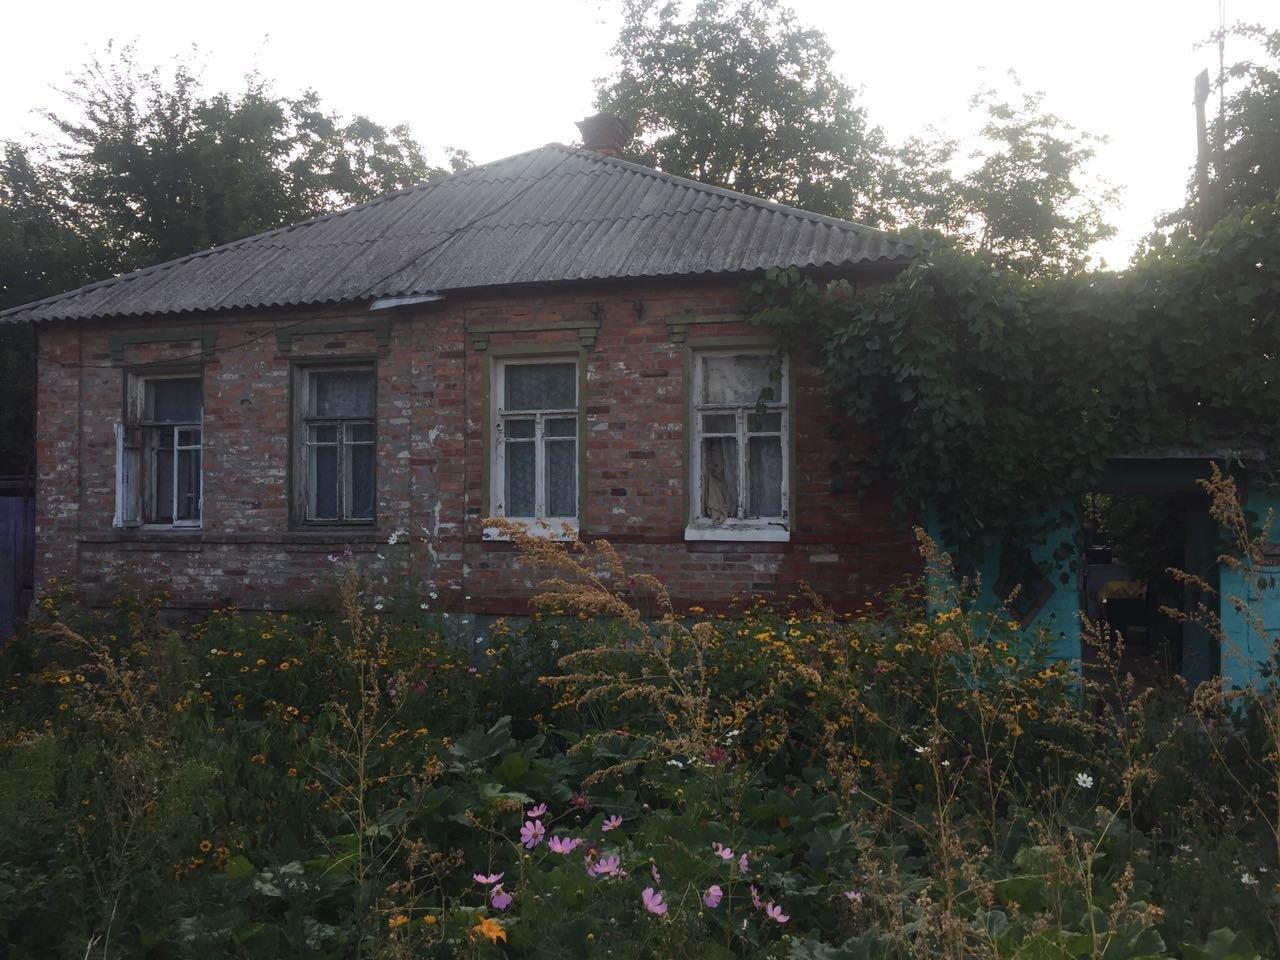 В Харькове загорелся частный жилой дом: спасатели нашли труп пенсионерки, - ФОТО, фото-1